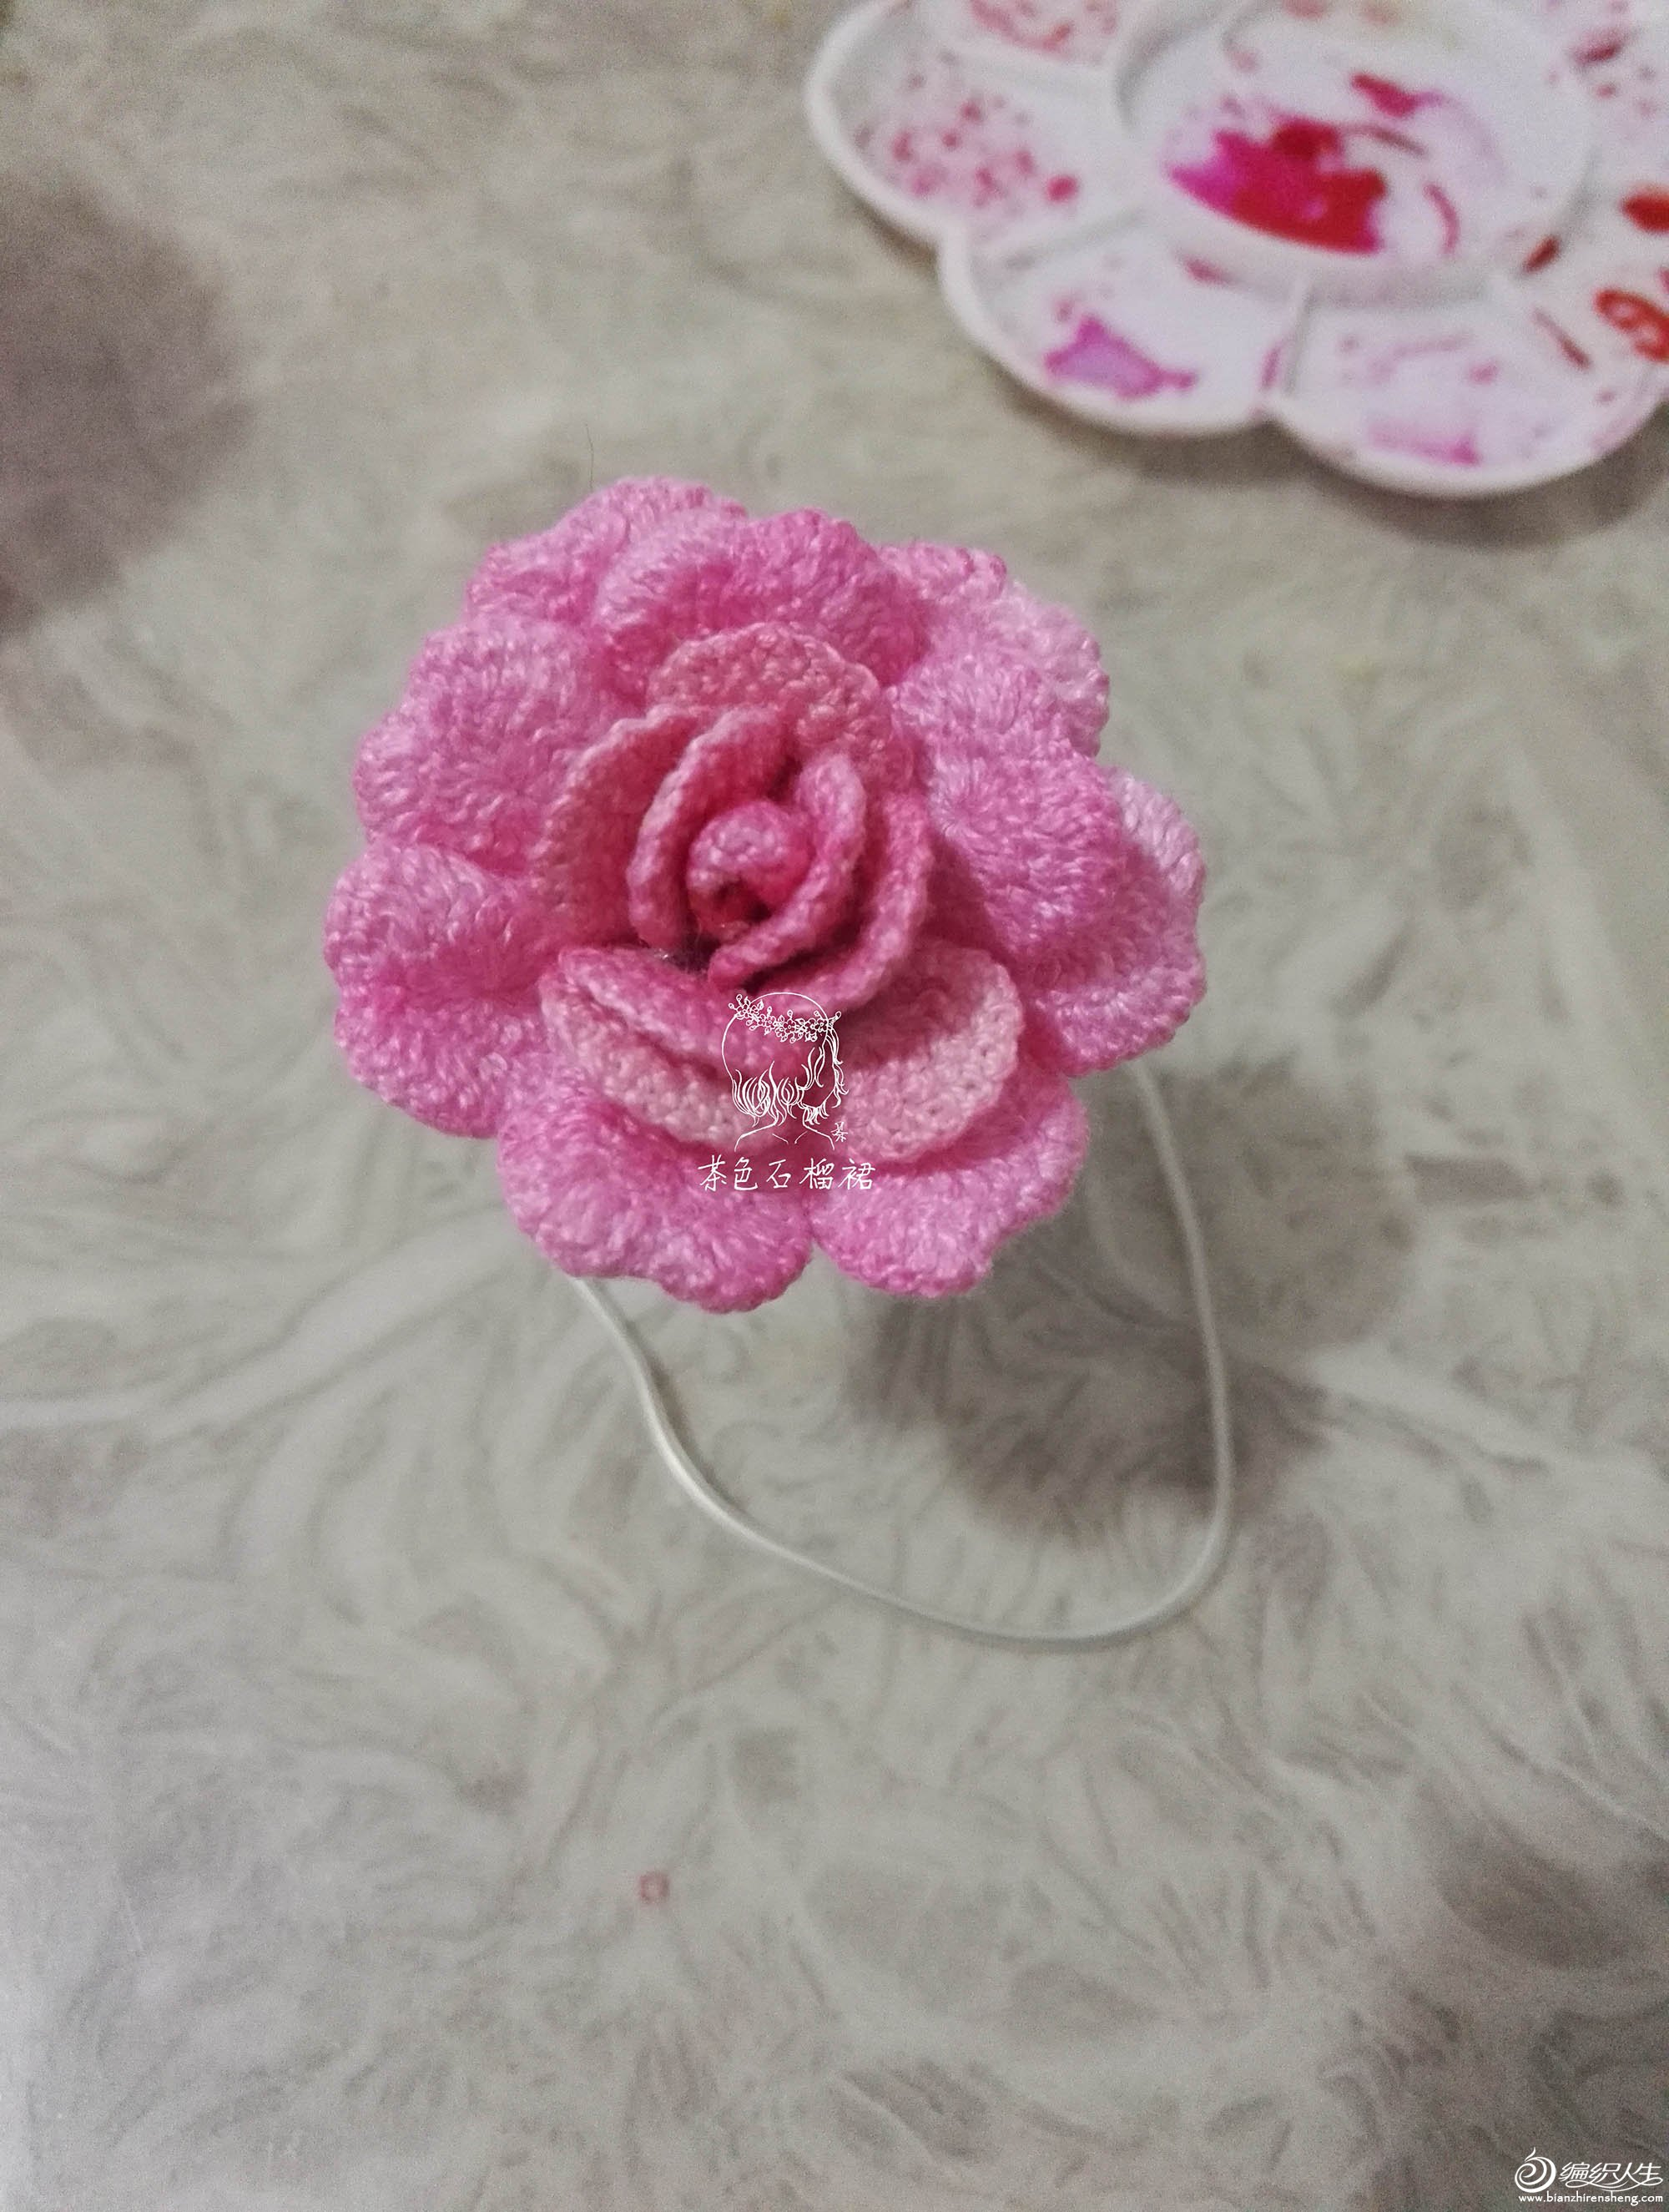 永生花造型应景玫瑰 3款钩针花卉图解(玫瑰花与小花)